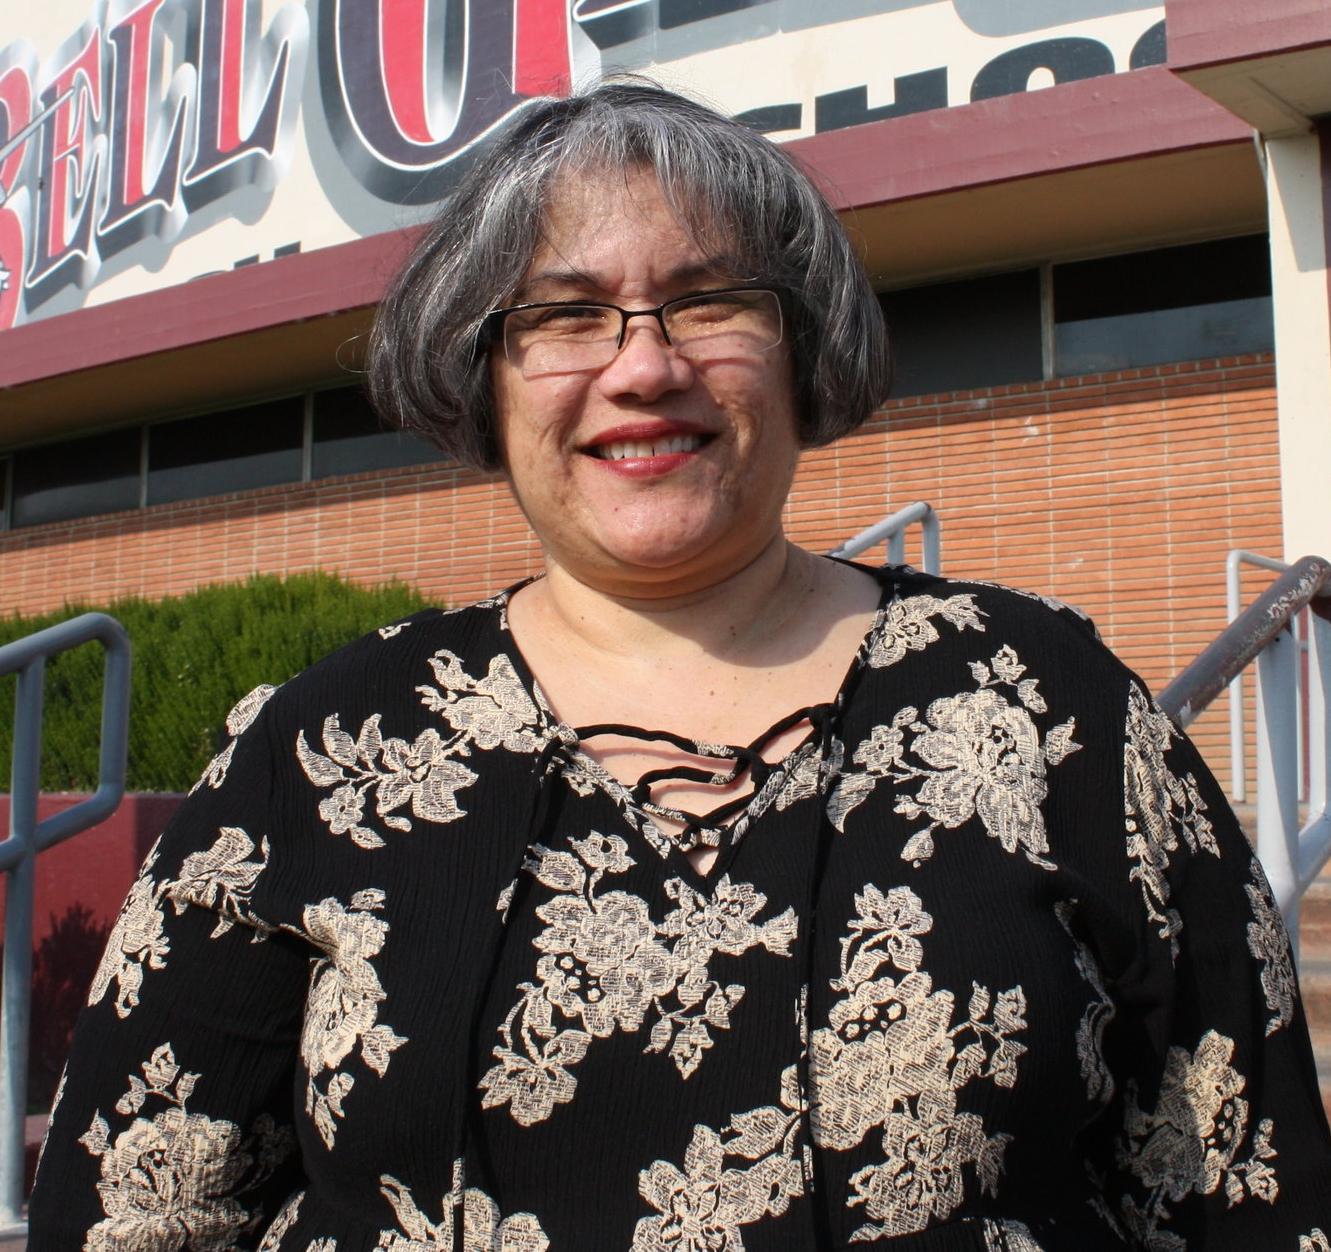 Maria Luis   Sr. Supervisor - Customer Contact Center